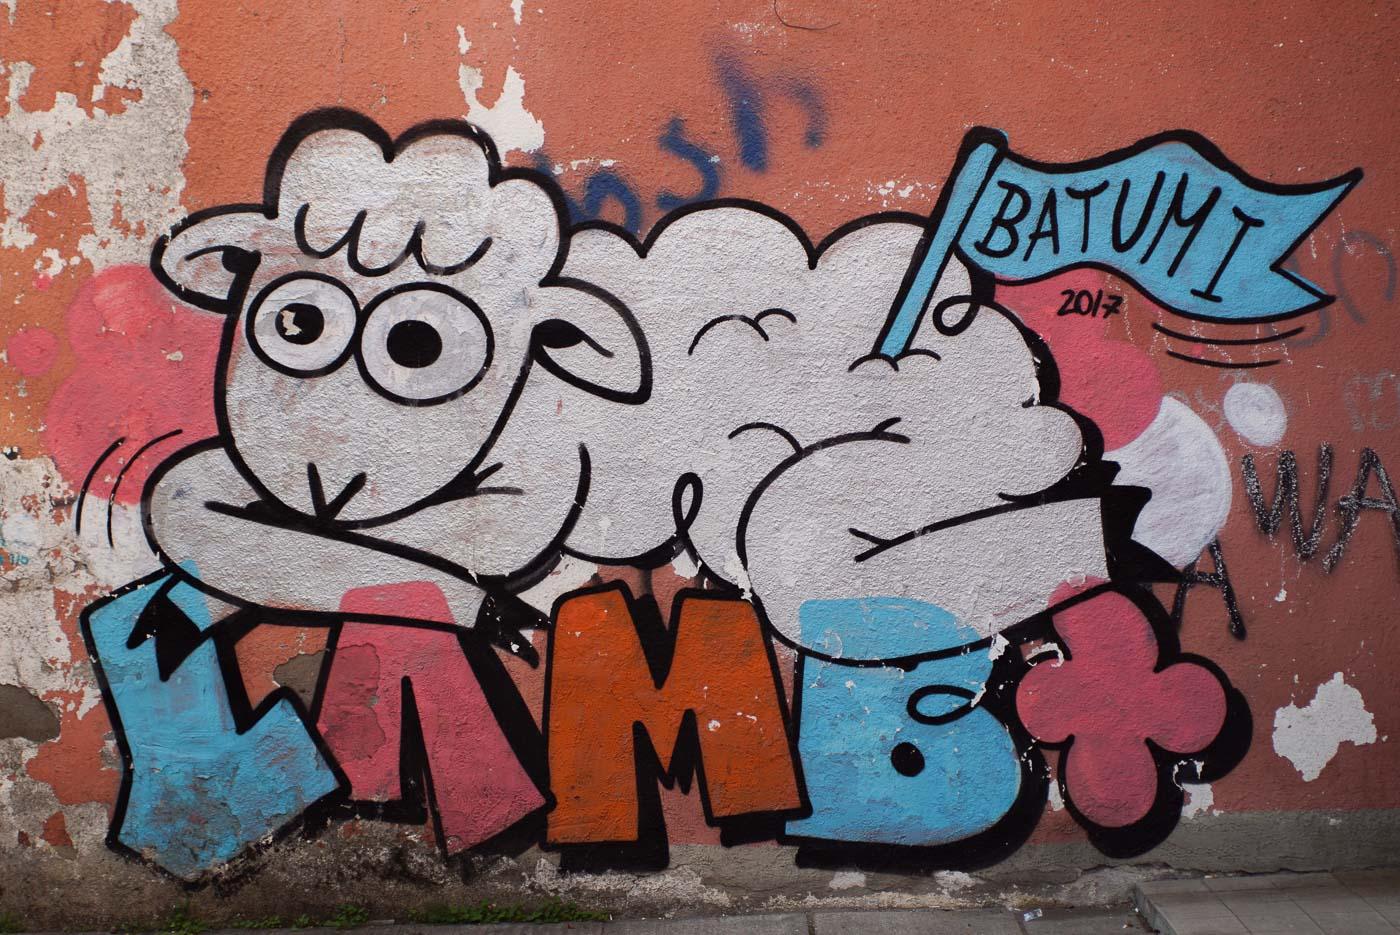 Zu sehen ist ein Graffiti Schaf das auf dem Schriftzug Lamb liegt. In dem hinteren Ende seines Felles steckt eine blaue Fahne mit der Aufschrift Batumi.